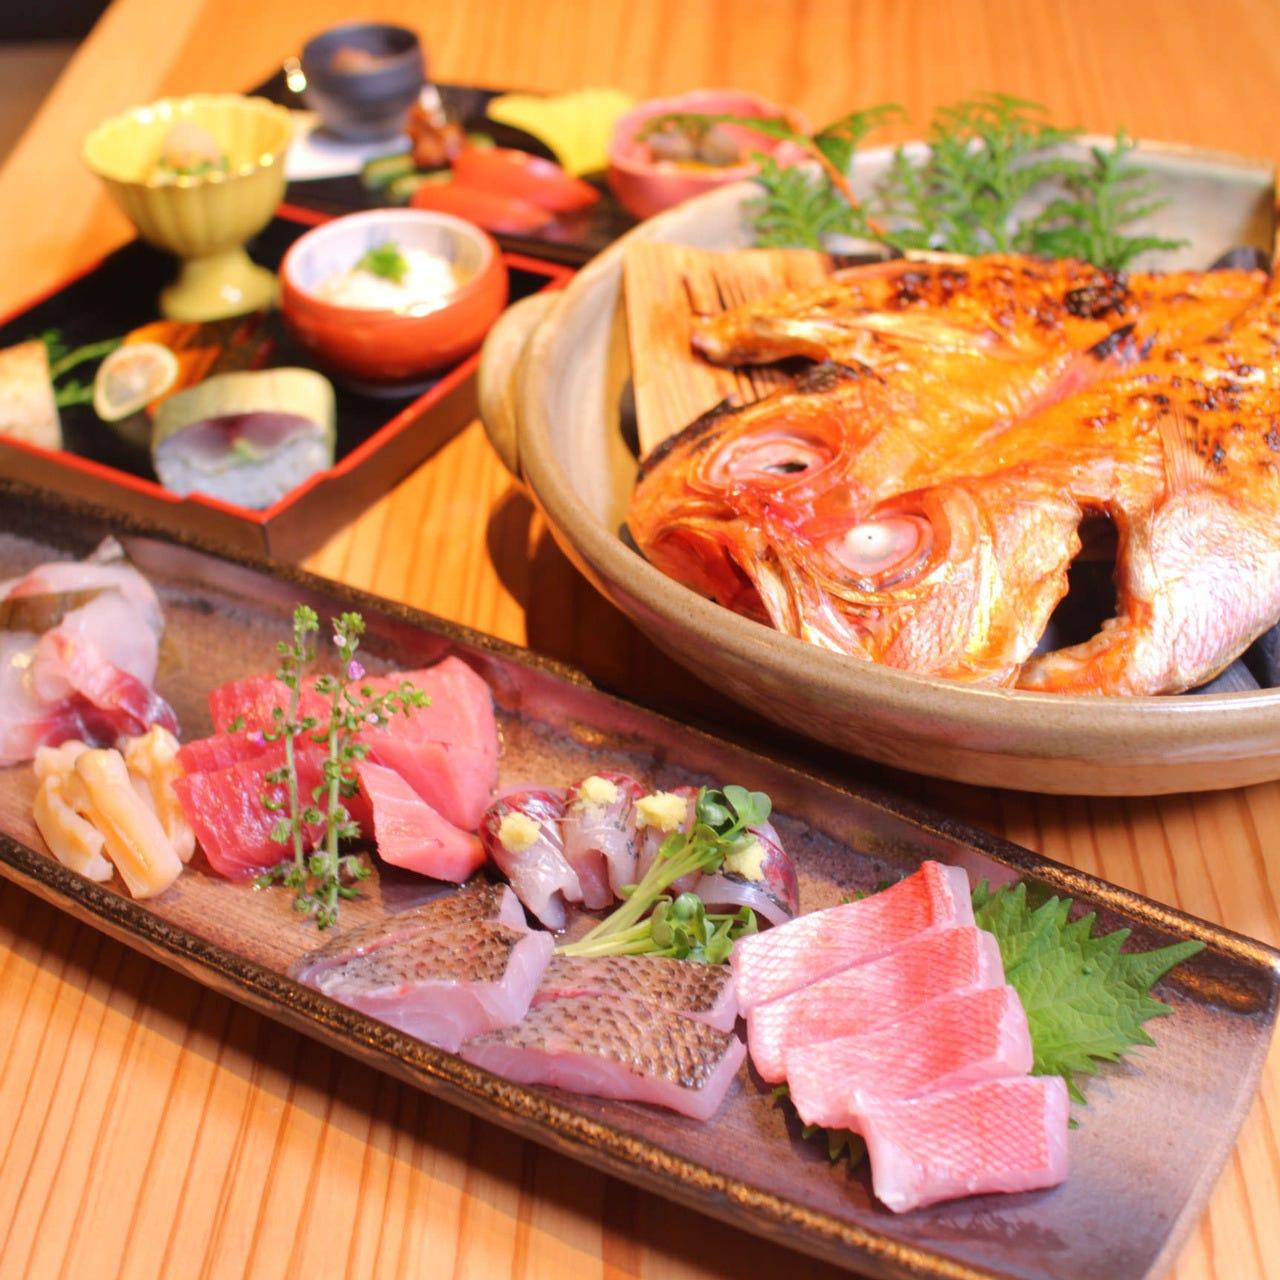 漁理長コース【活けアワビ蒸し刺盛 極上炭火焼き 季節料理寿司盛り込み 蕎麦 8品 お飲み物込み】